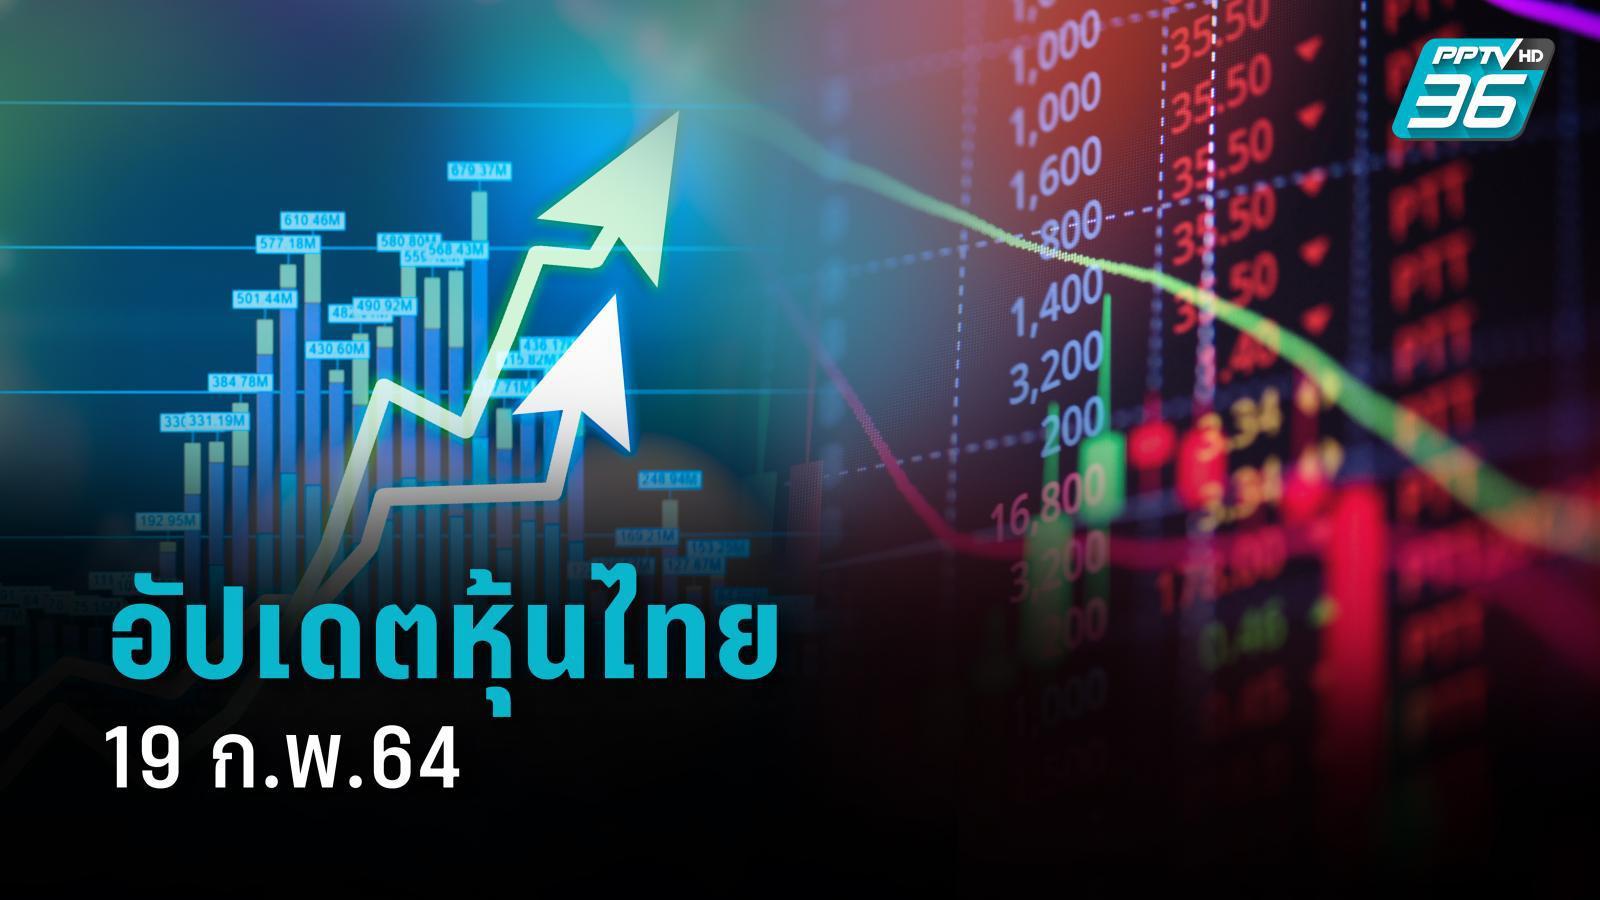 หุ้นไทย (19 ก.พ.64) ปิดการซื้อขายที่ระดับ 1,500.51จุด ลดลง -10.52 จุด